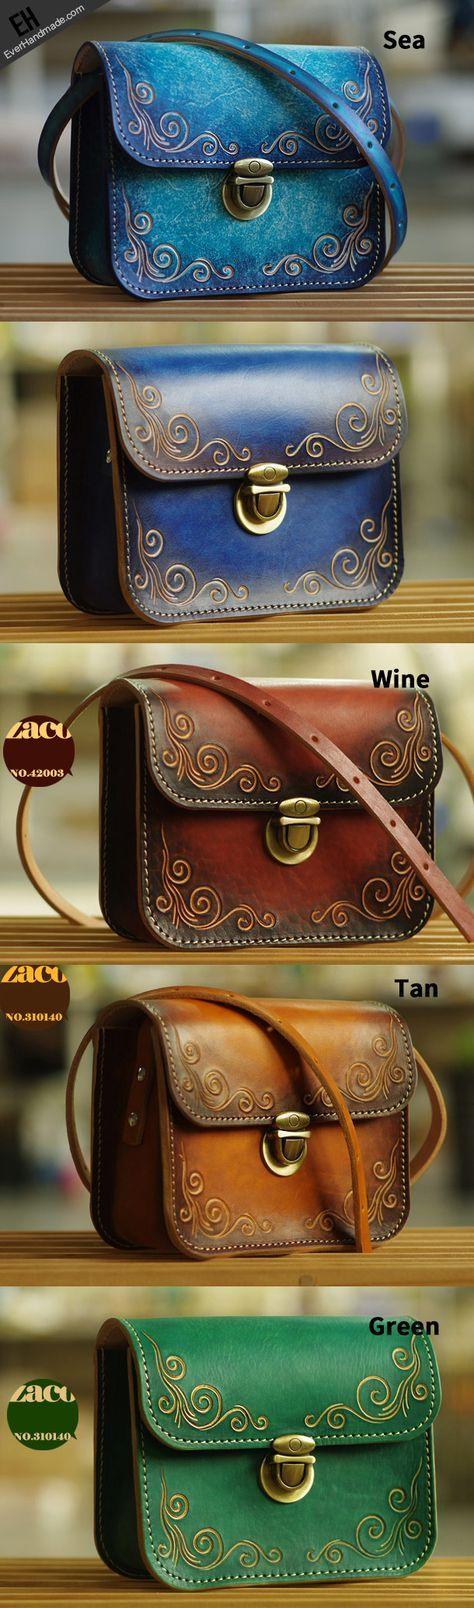 Handmade leather shoulder bag crossbody bag purse vintage